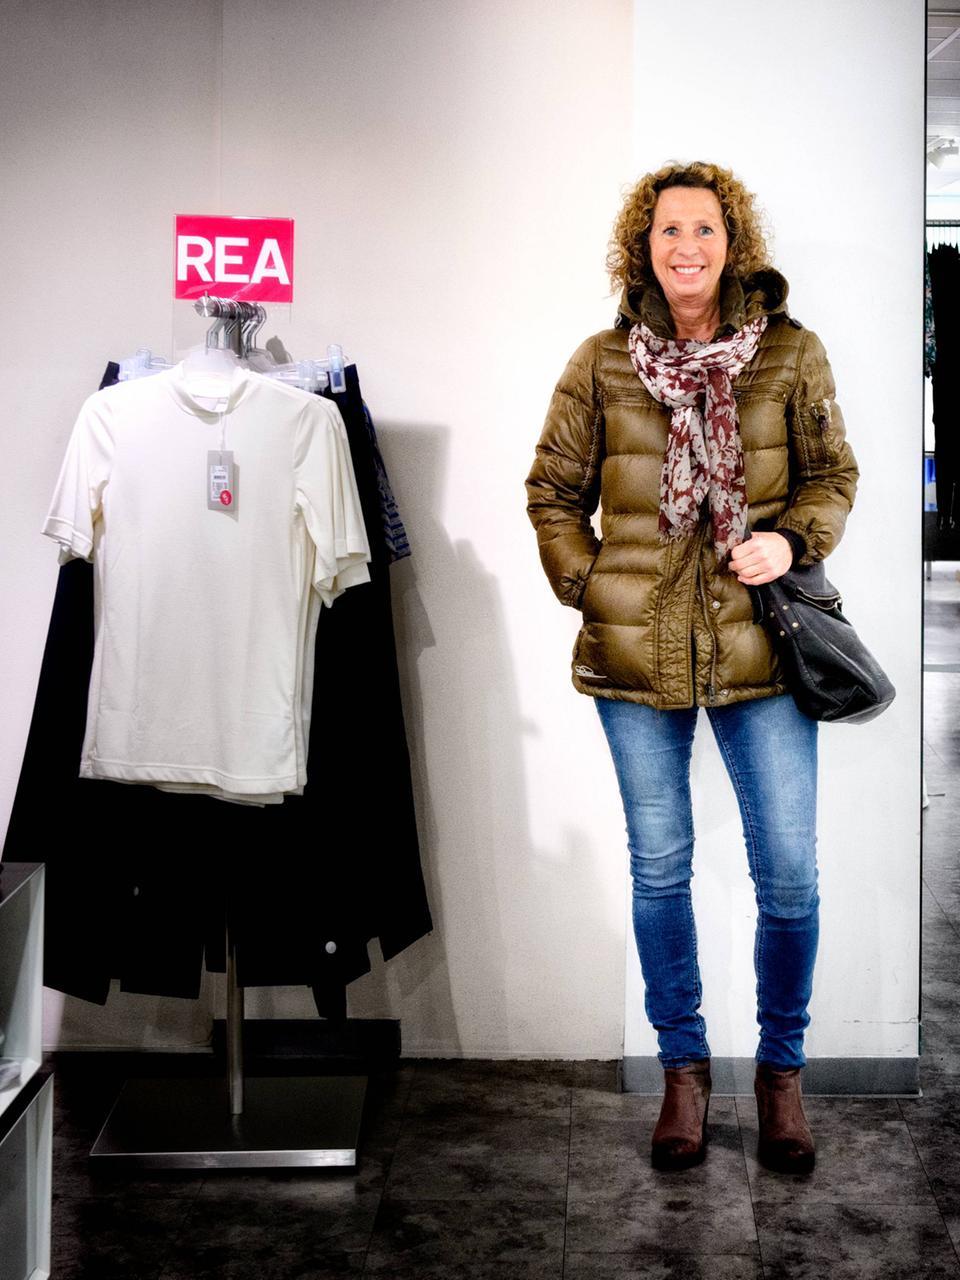 66e614ca0637 Elisabeth Söderbom, 61 år, butiksägare, Centrum. – Jag är klädd i jeans,  boots och vinterjacka. Jag lägger inte mycket pengar på kläder, jackan har  jag köpt ...